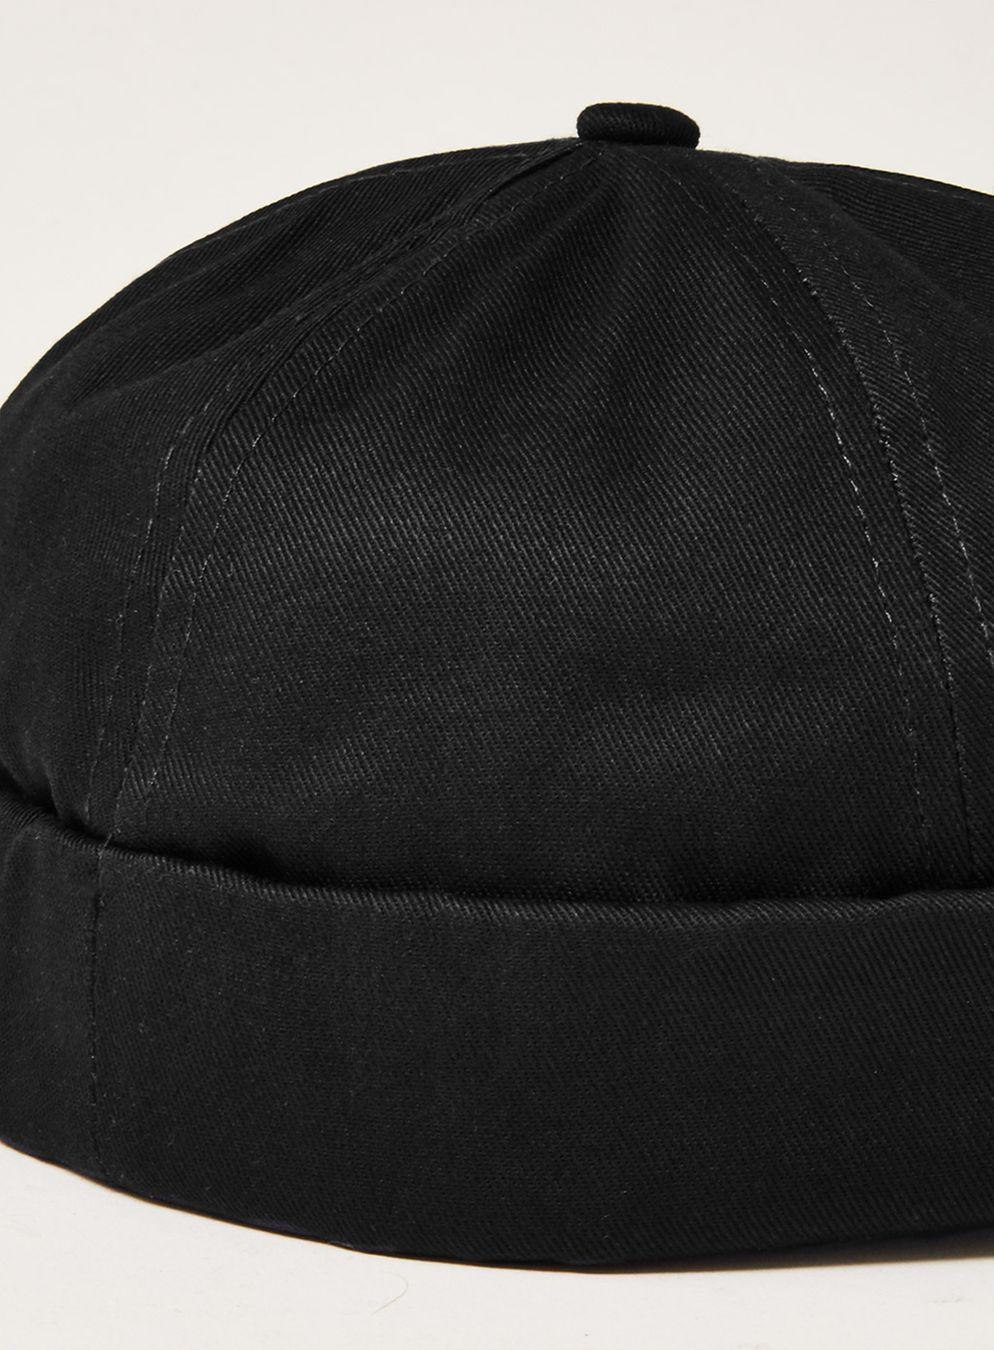 67aad6fee1c7d Lyst - TOPMAN Black Docker Beanie in Black for Men